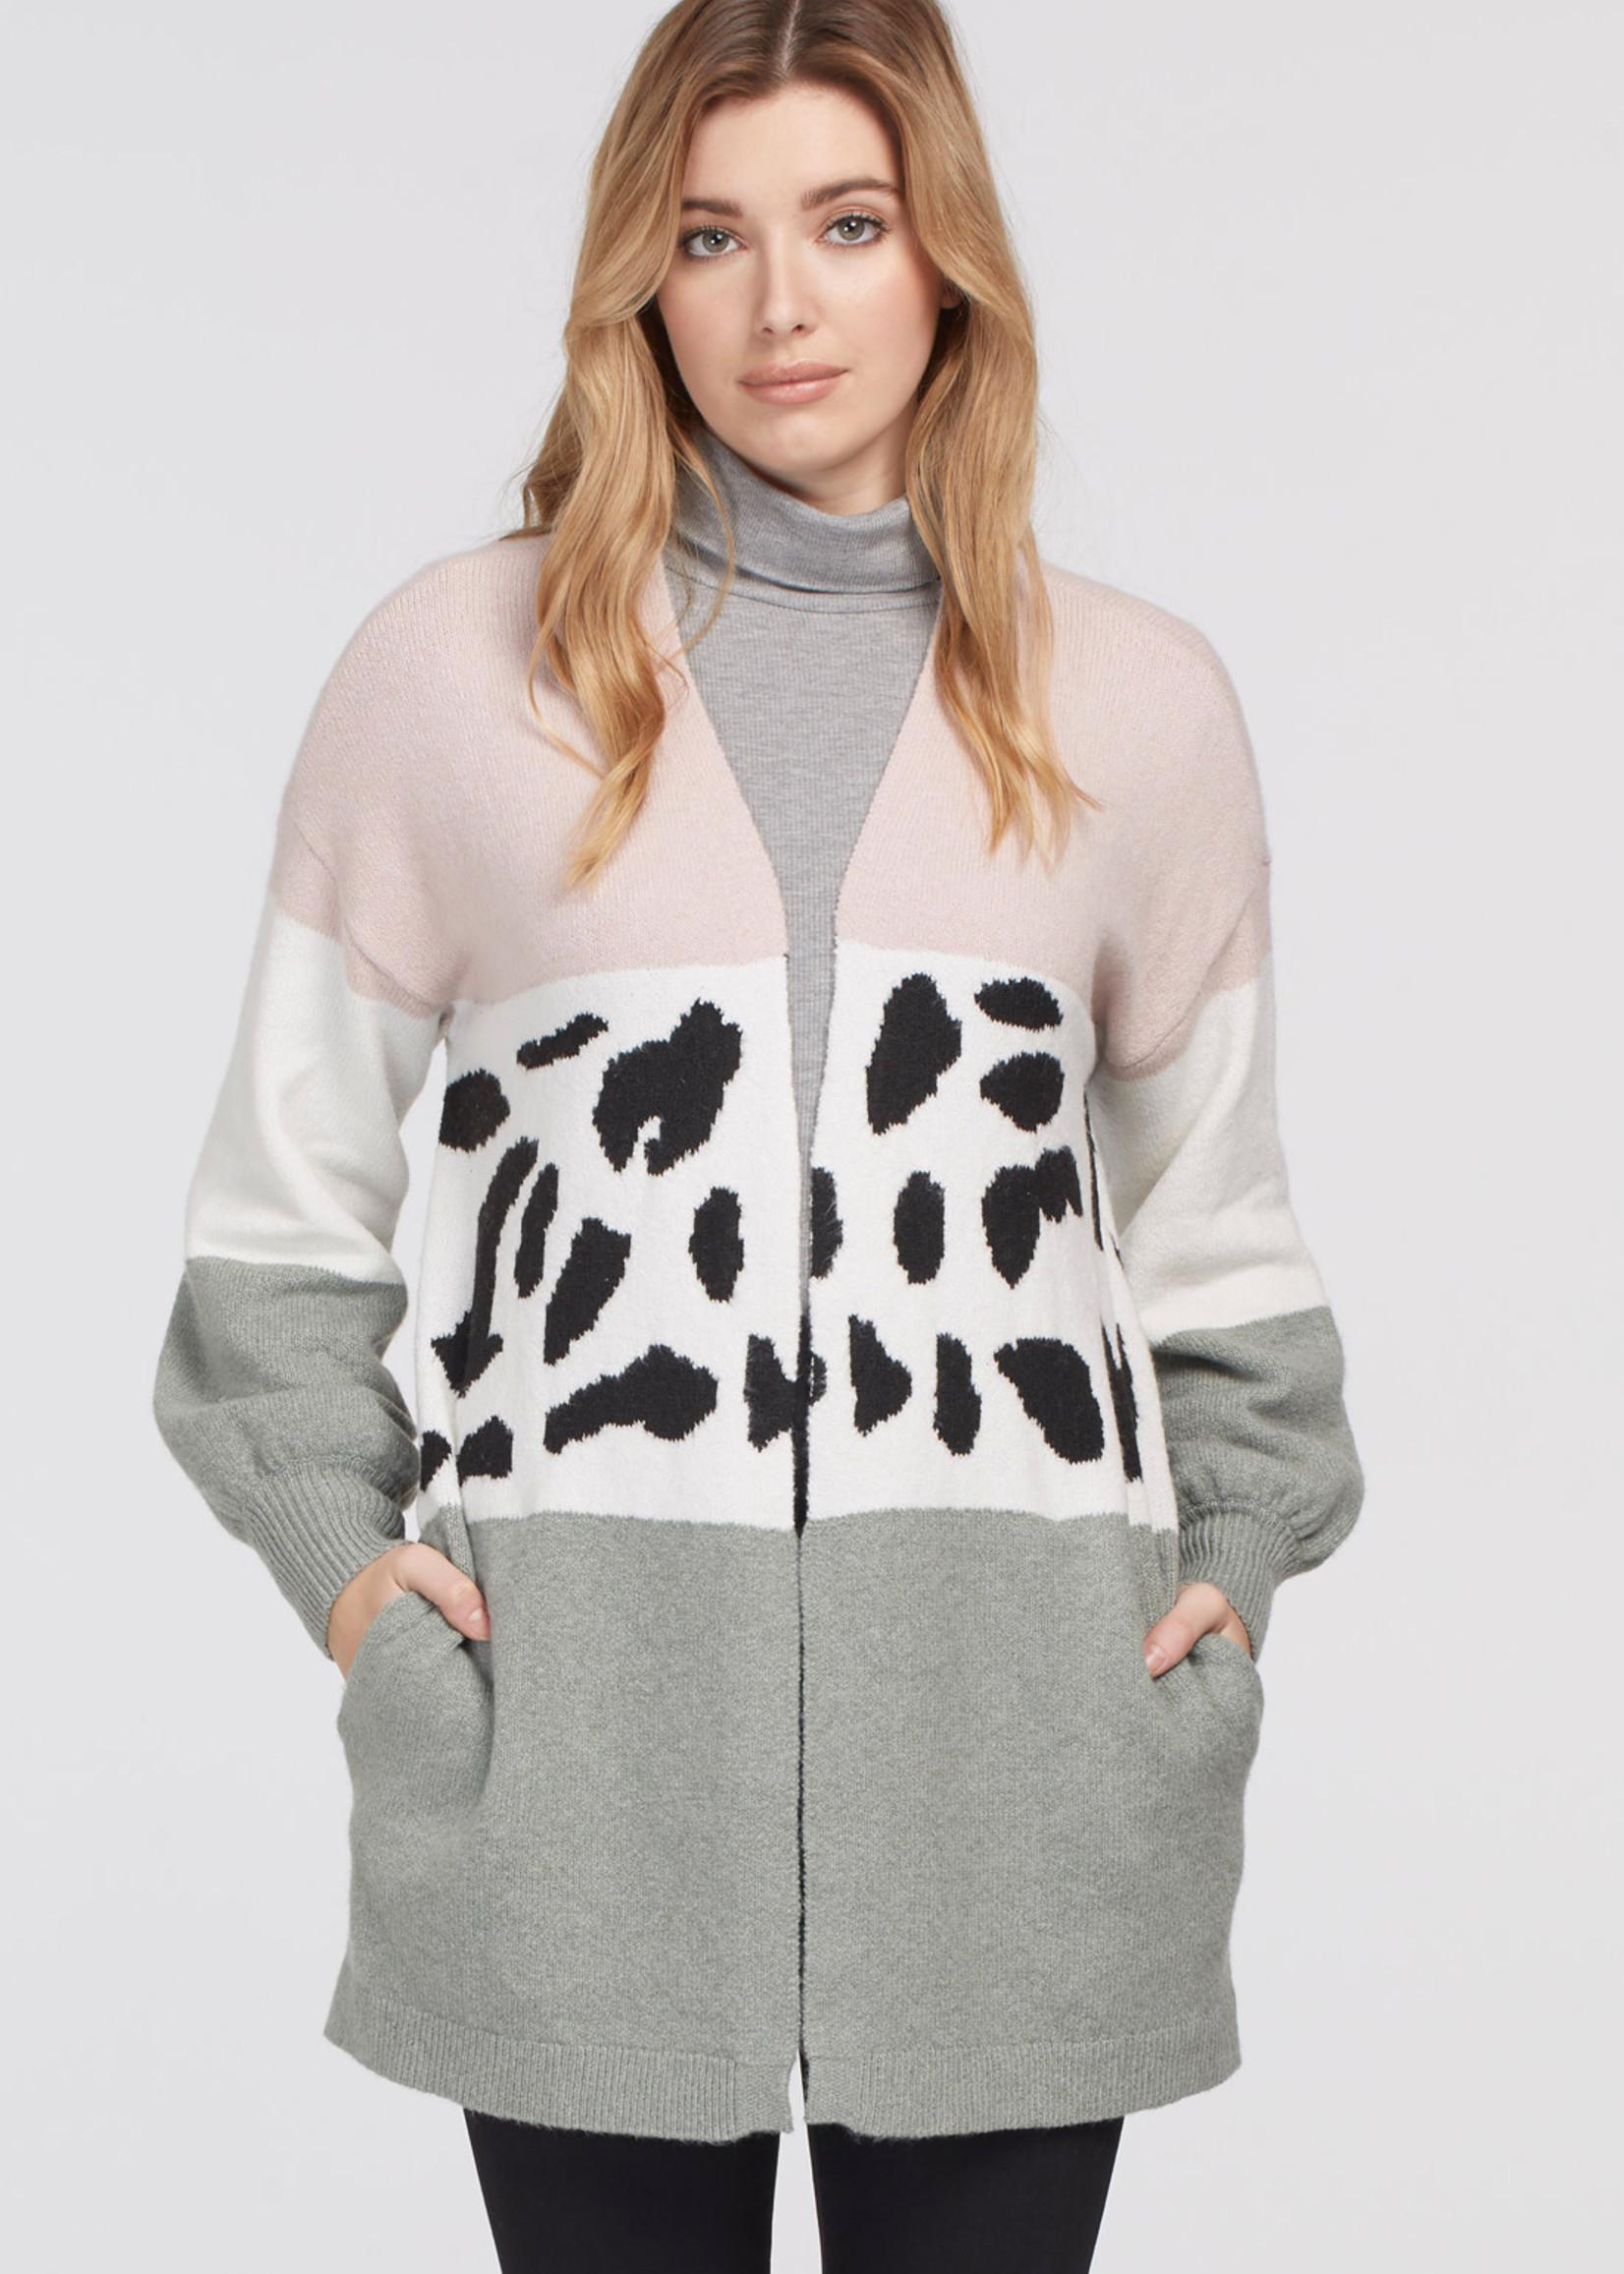 Tribal Intarsia Sweater Cardigan 71410/4100